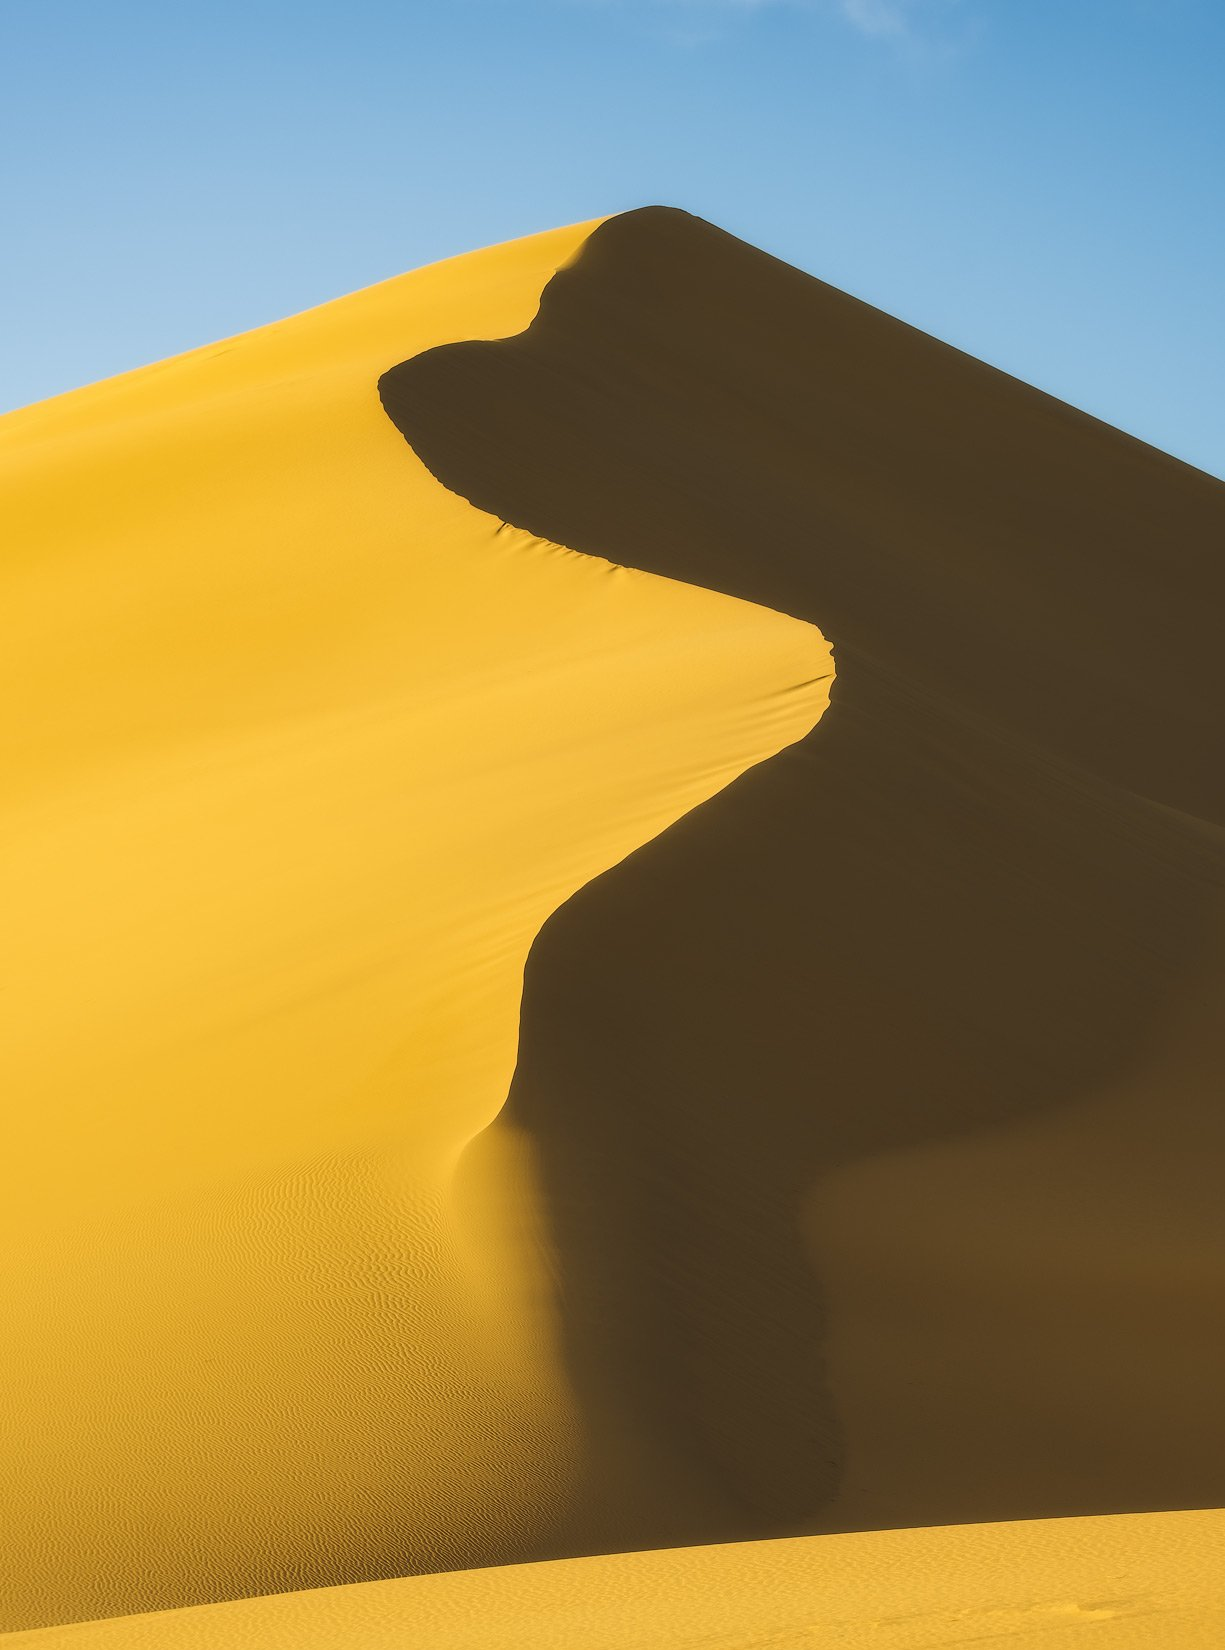 россия, дагестан, кавказ, горы, бархан, закат, природа, весна, пустыня, песок, линии, Оборотов Алексей